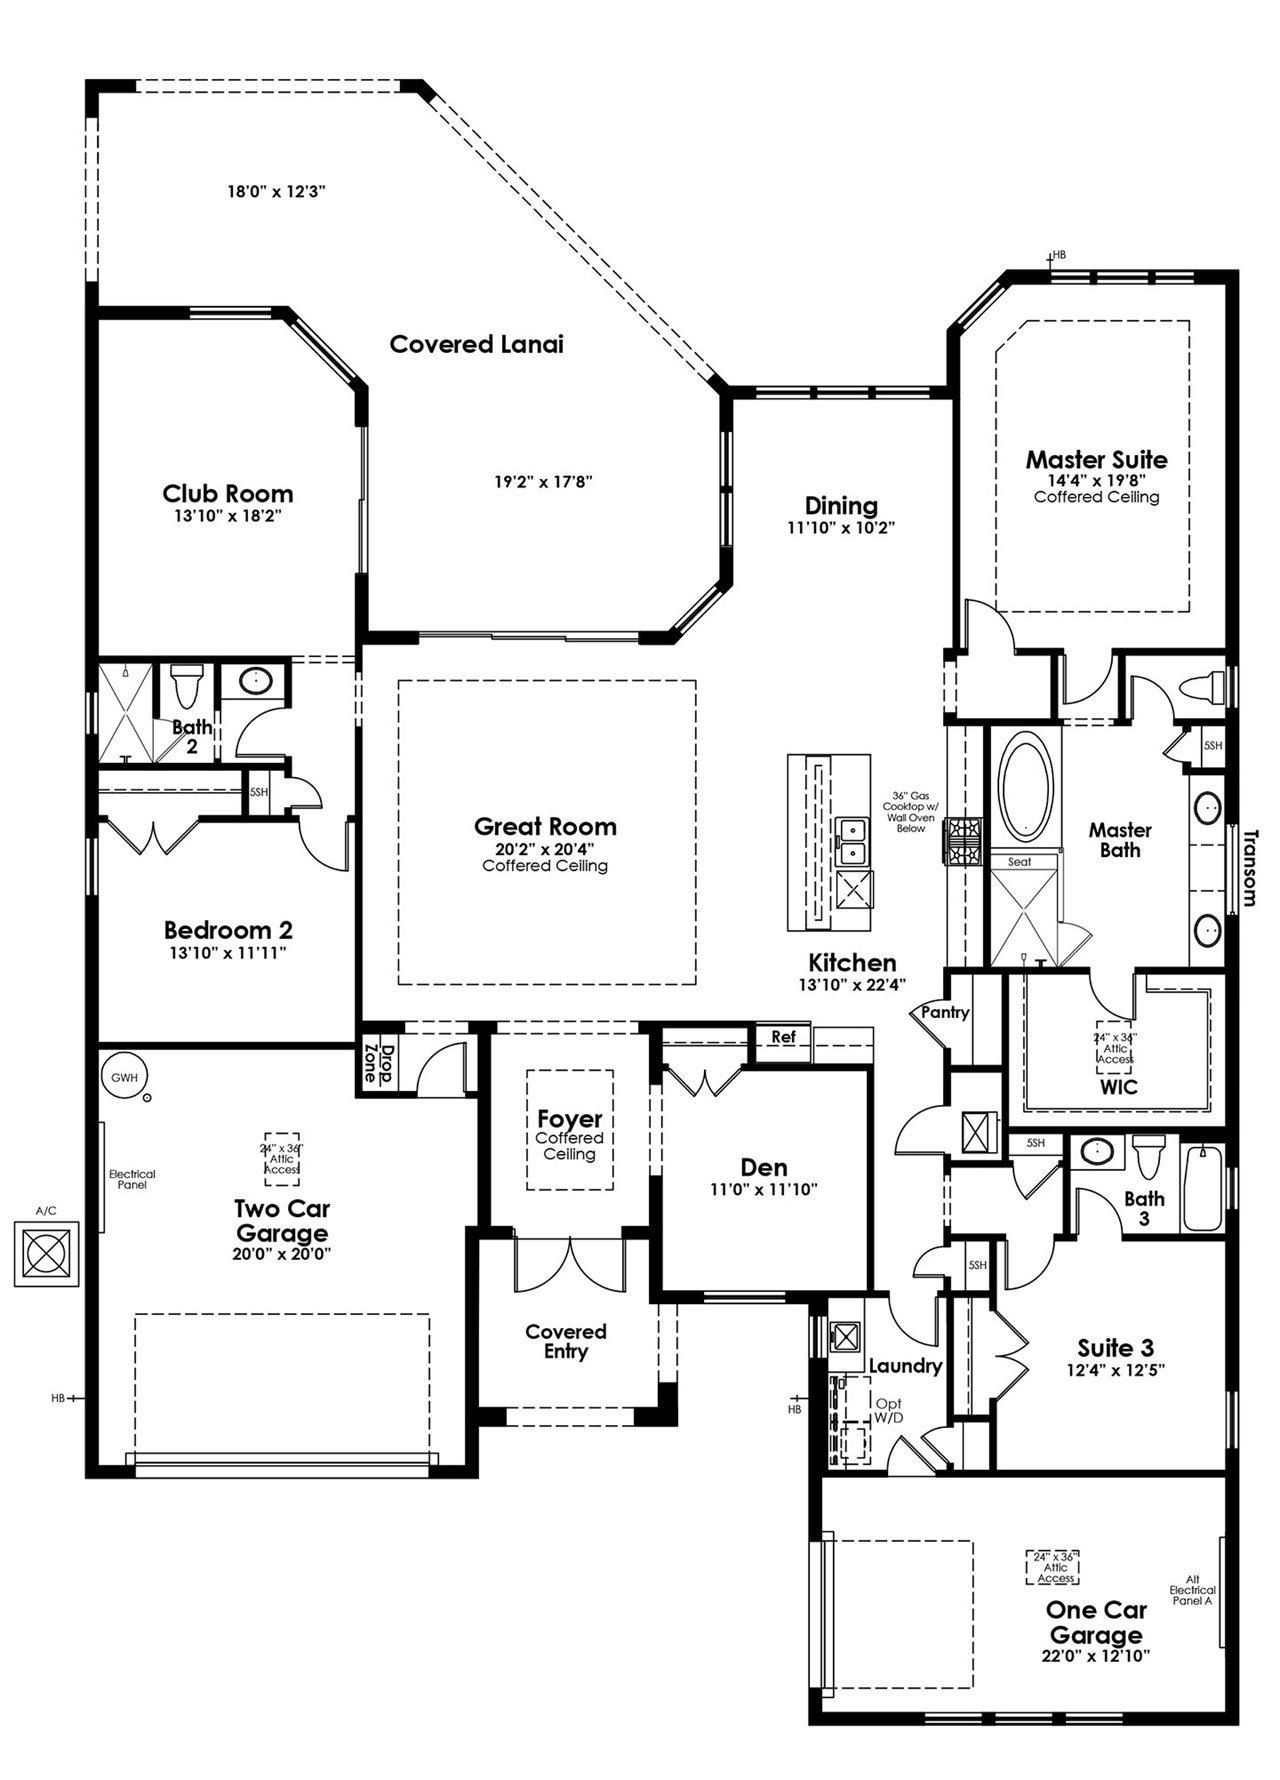 Whitaker Plan At Artistry Sarasota In Sarasota Fl By Kolter Homes